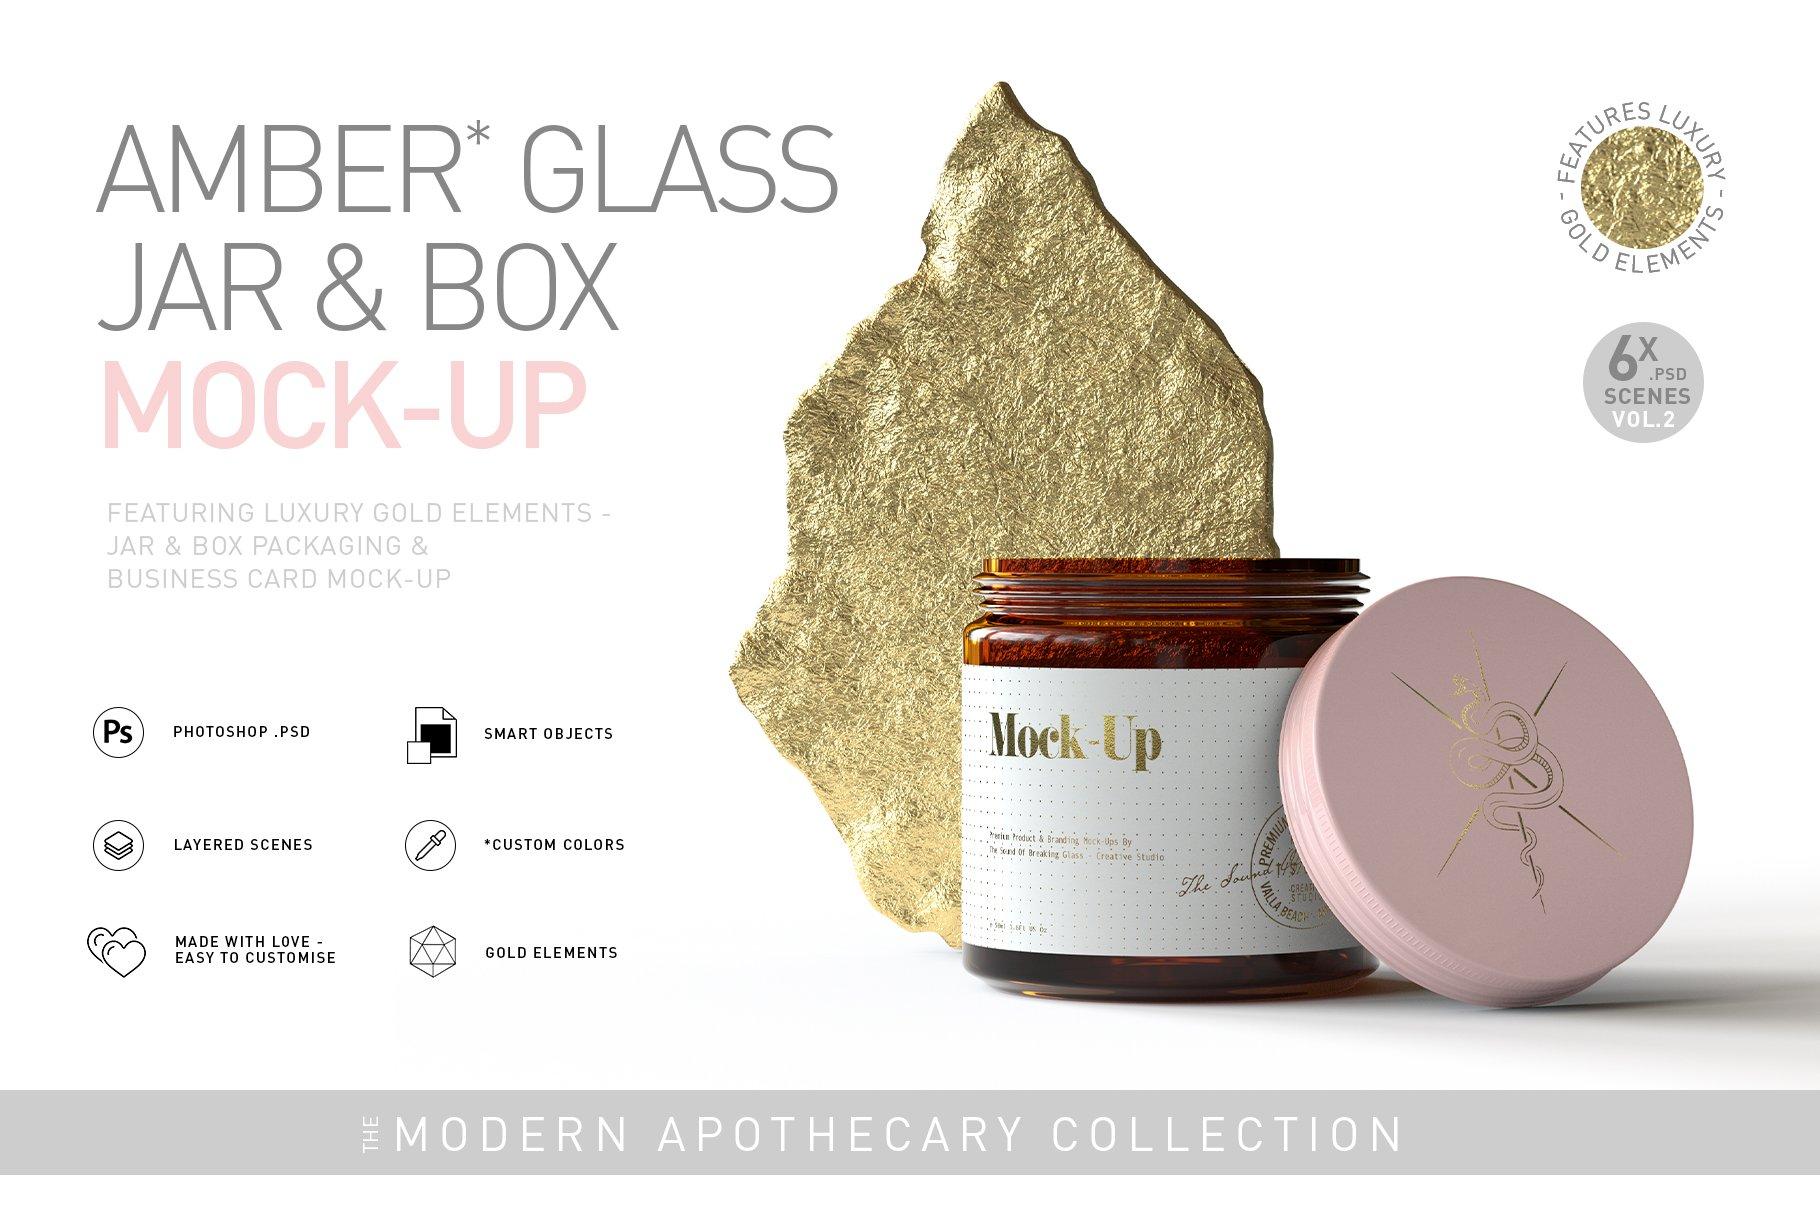 6款棕色化妆品玻璃罐包装盒设计展示样机 Amber Glass Jar & Box Mockup Vol.2插图